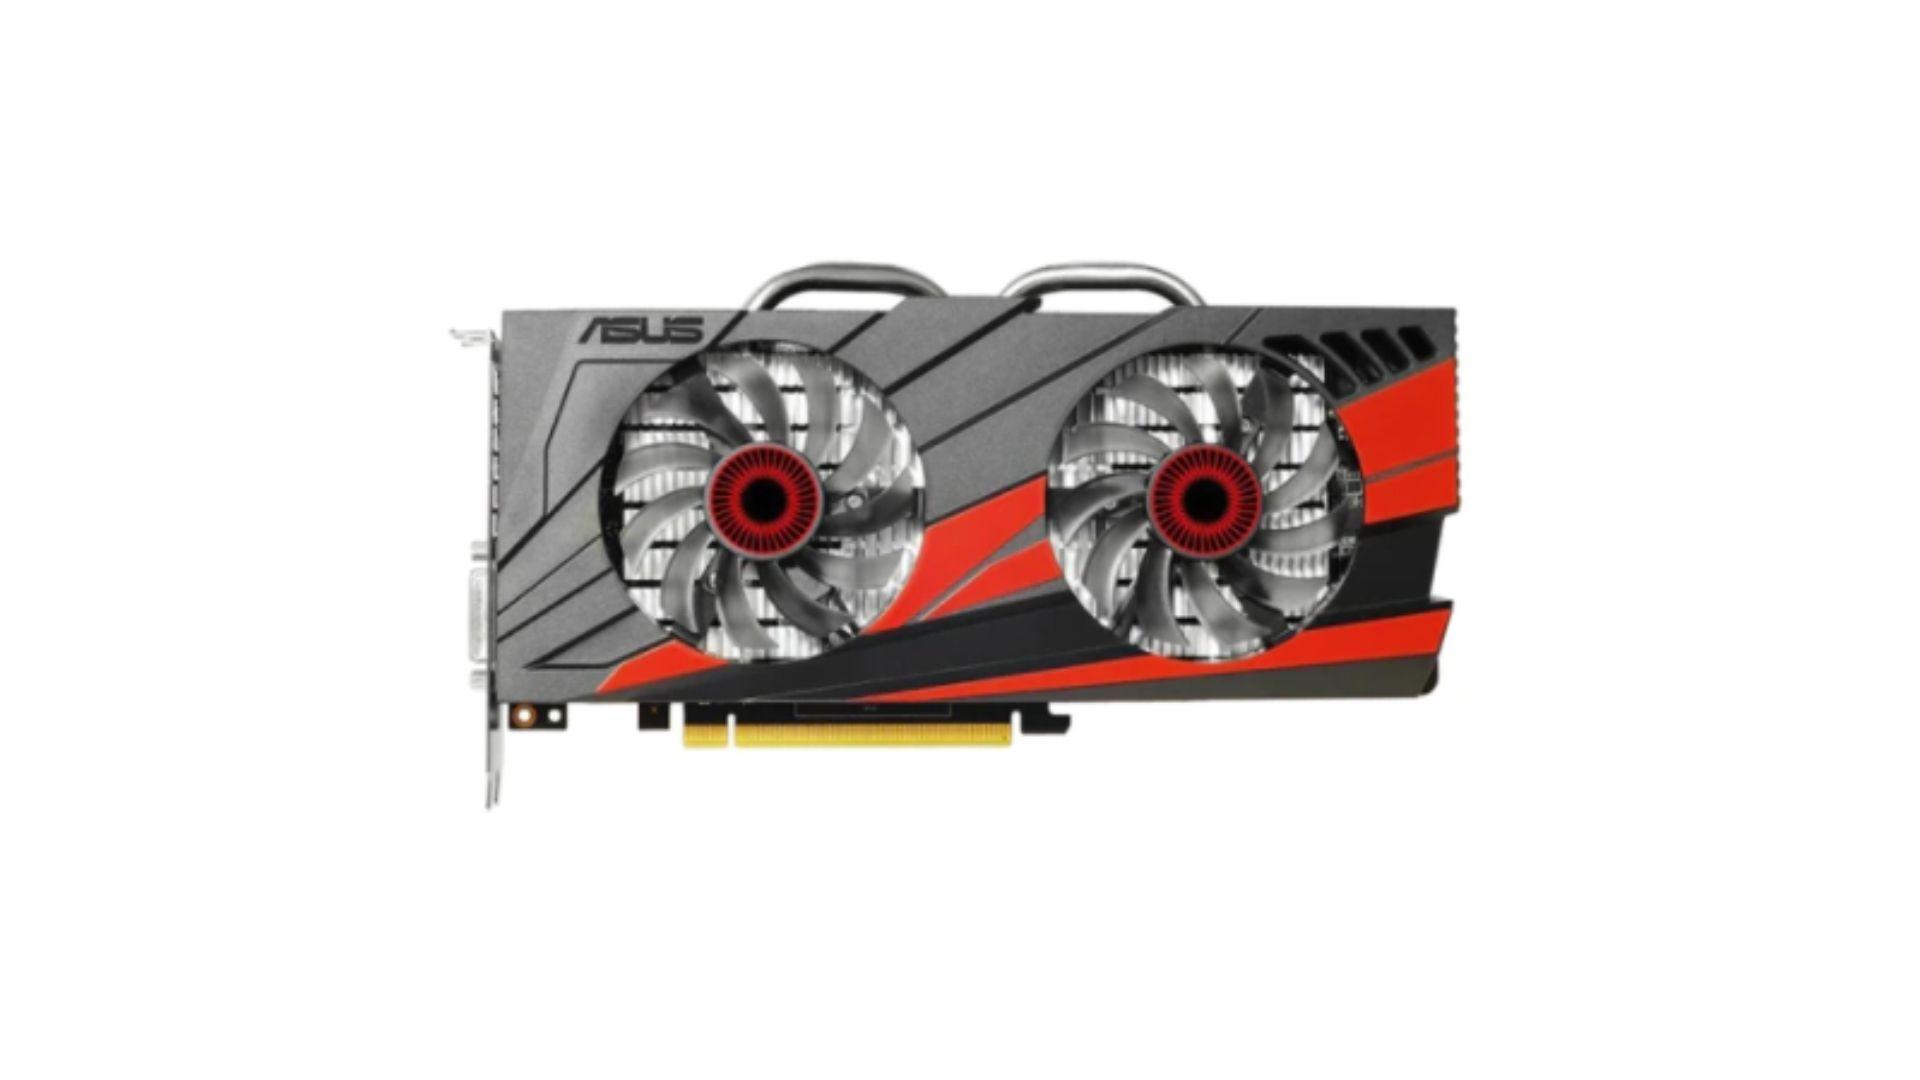 Placa de vídeo 2GB GTX 960 cinza e preta no fundo branco